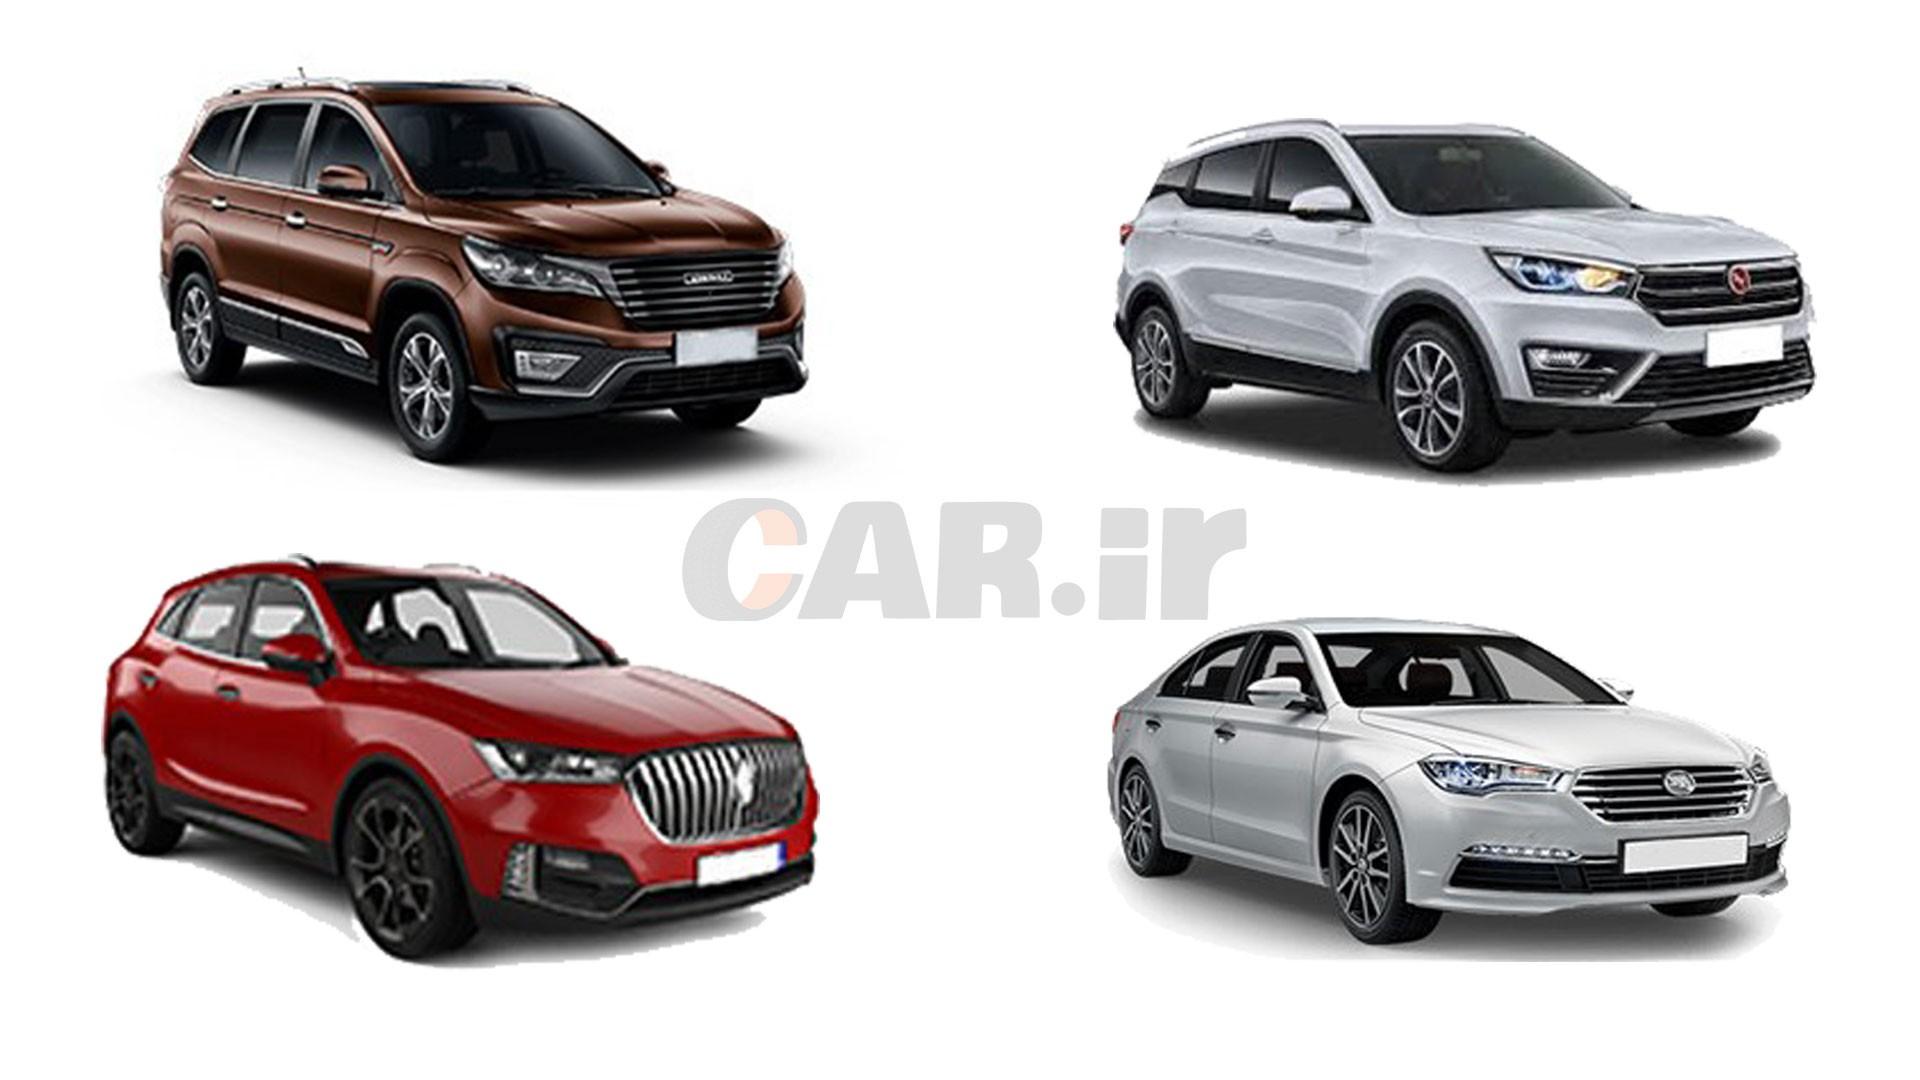 نگاهی به آمار فروش خودروهای چینی مونتاژی در خود چین!